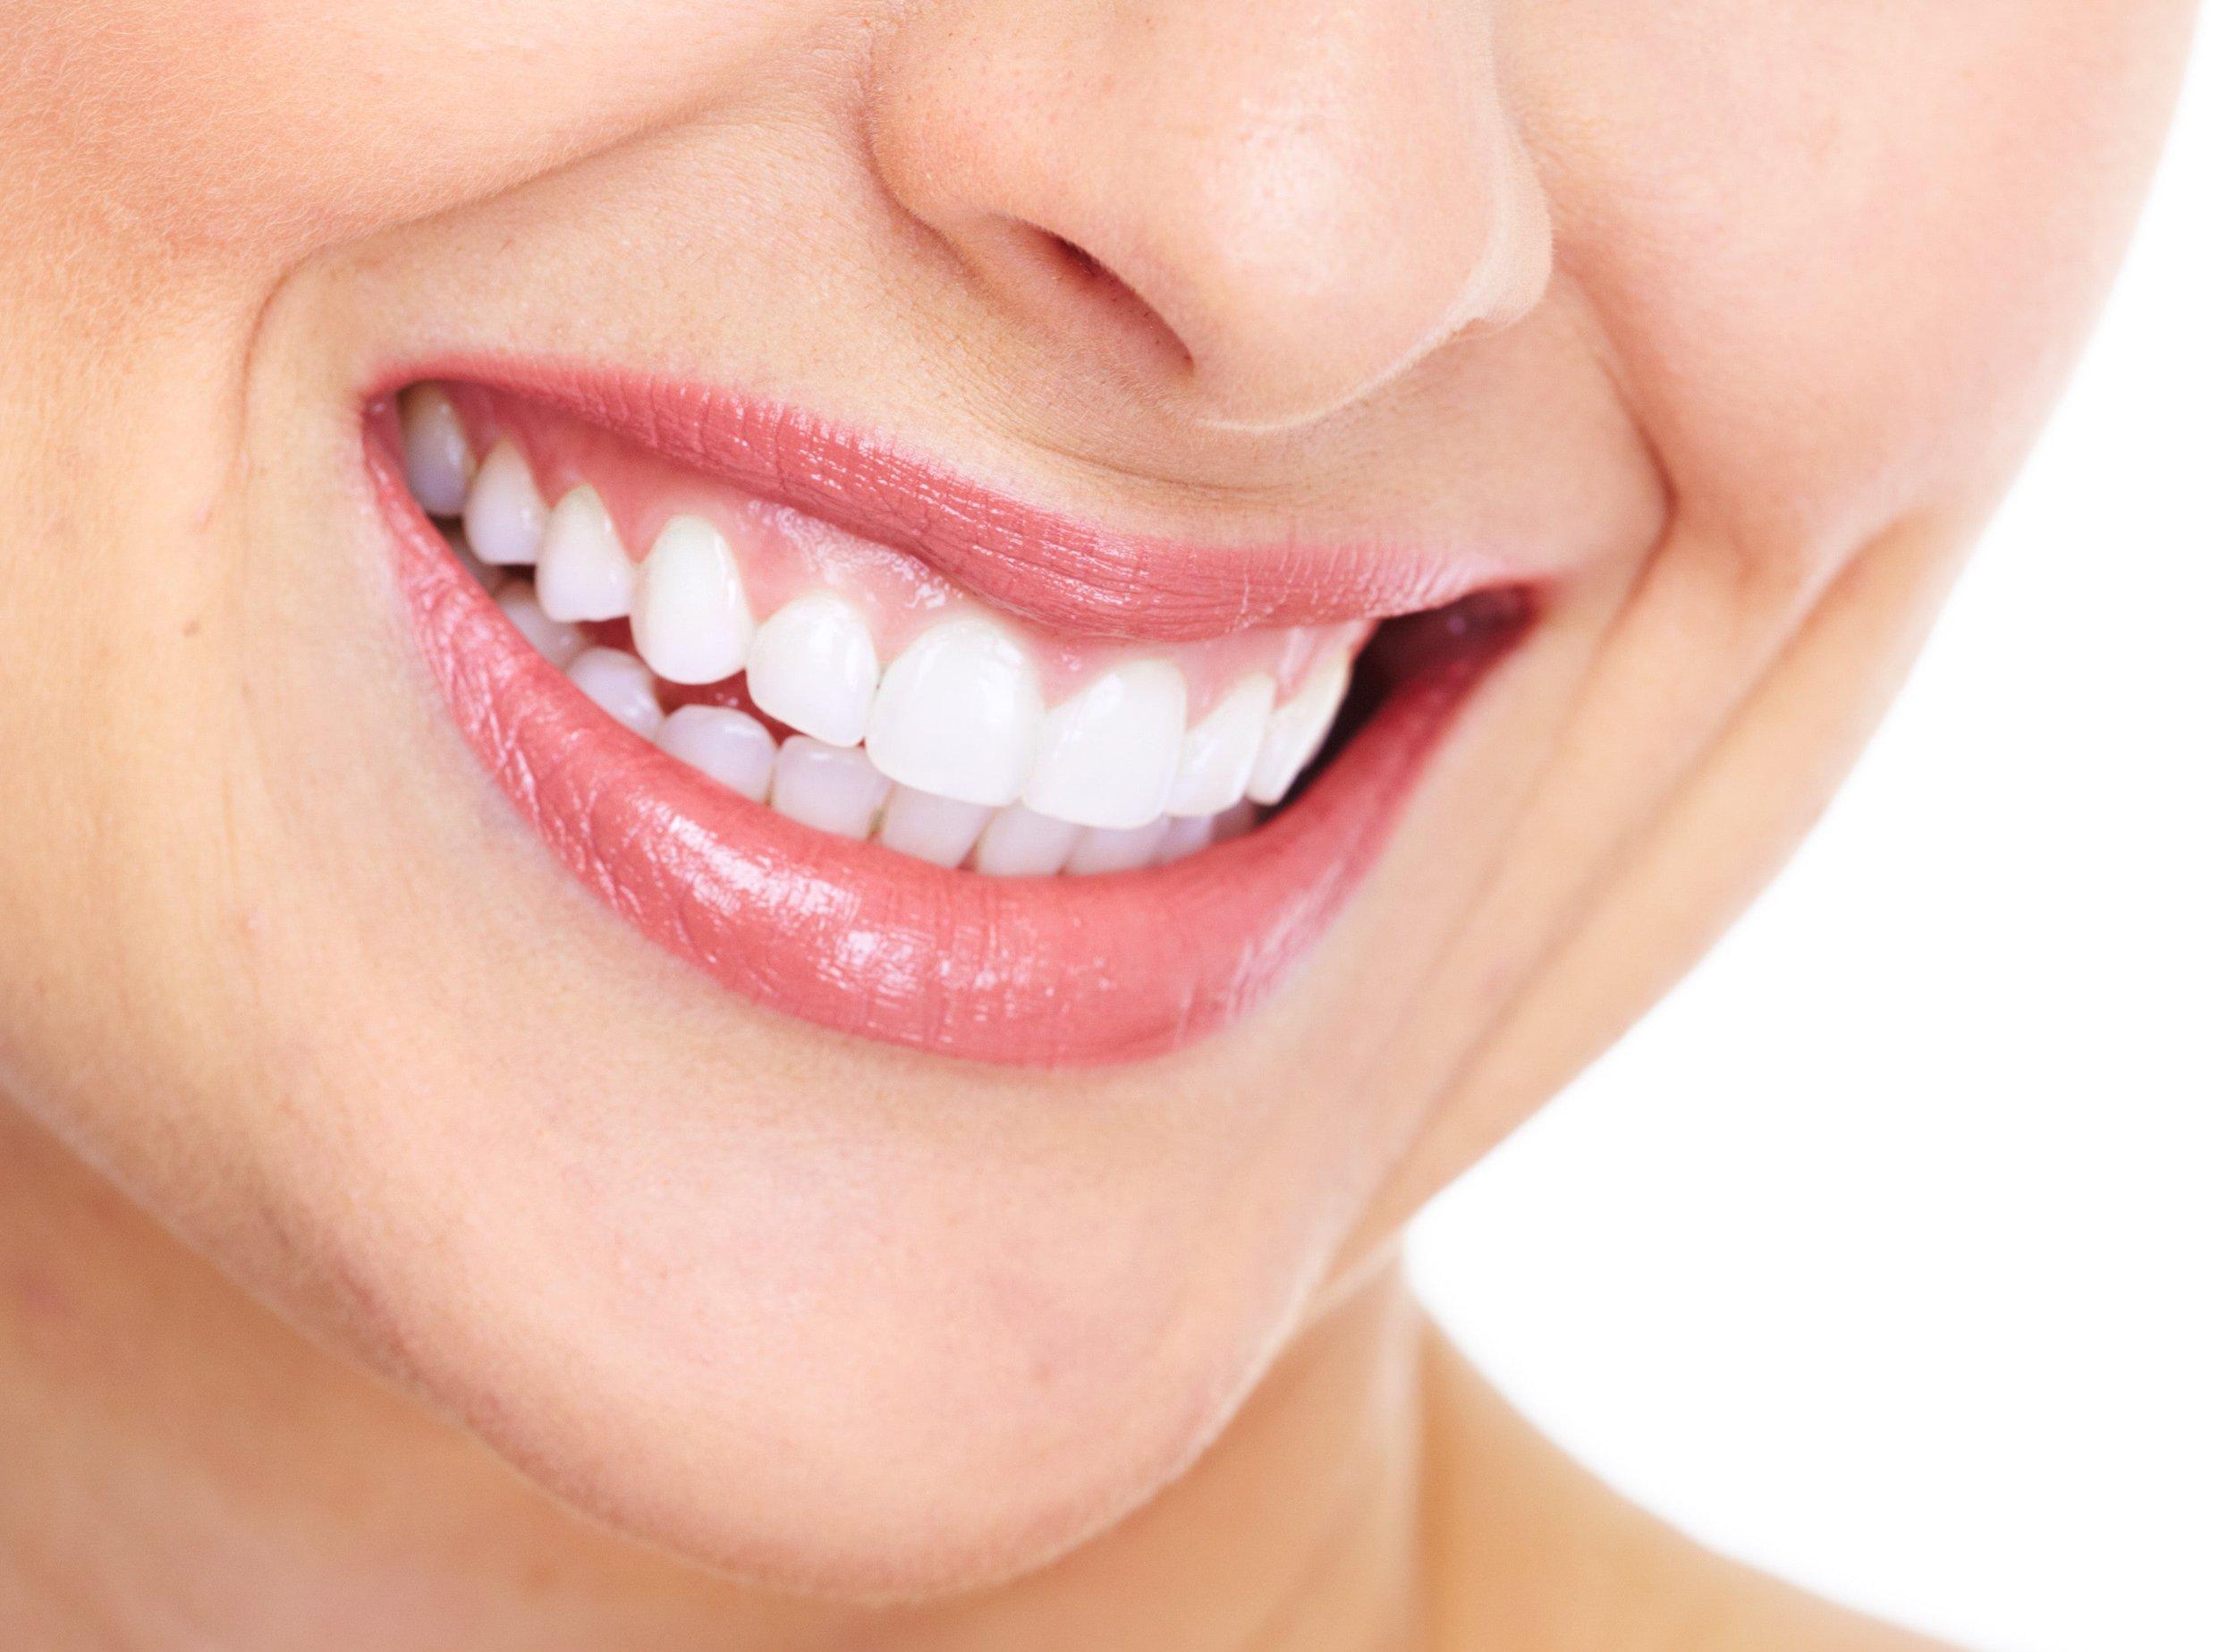 Benefits of Dental Veneers